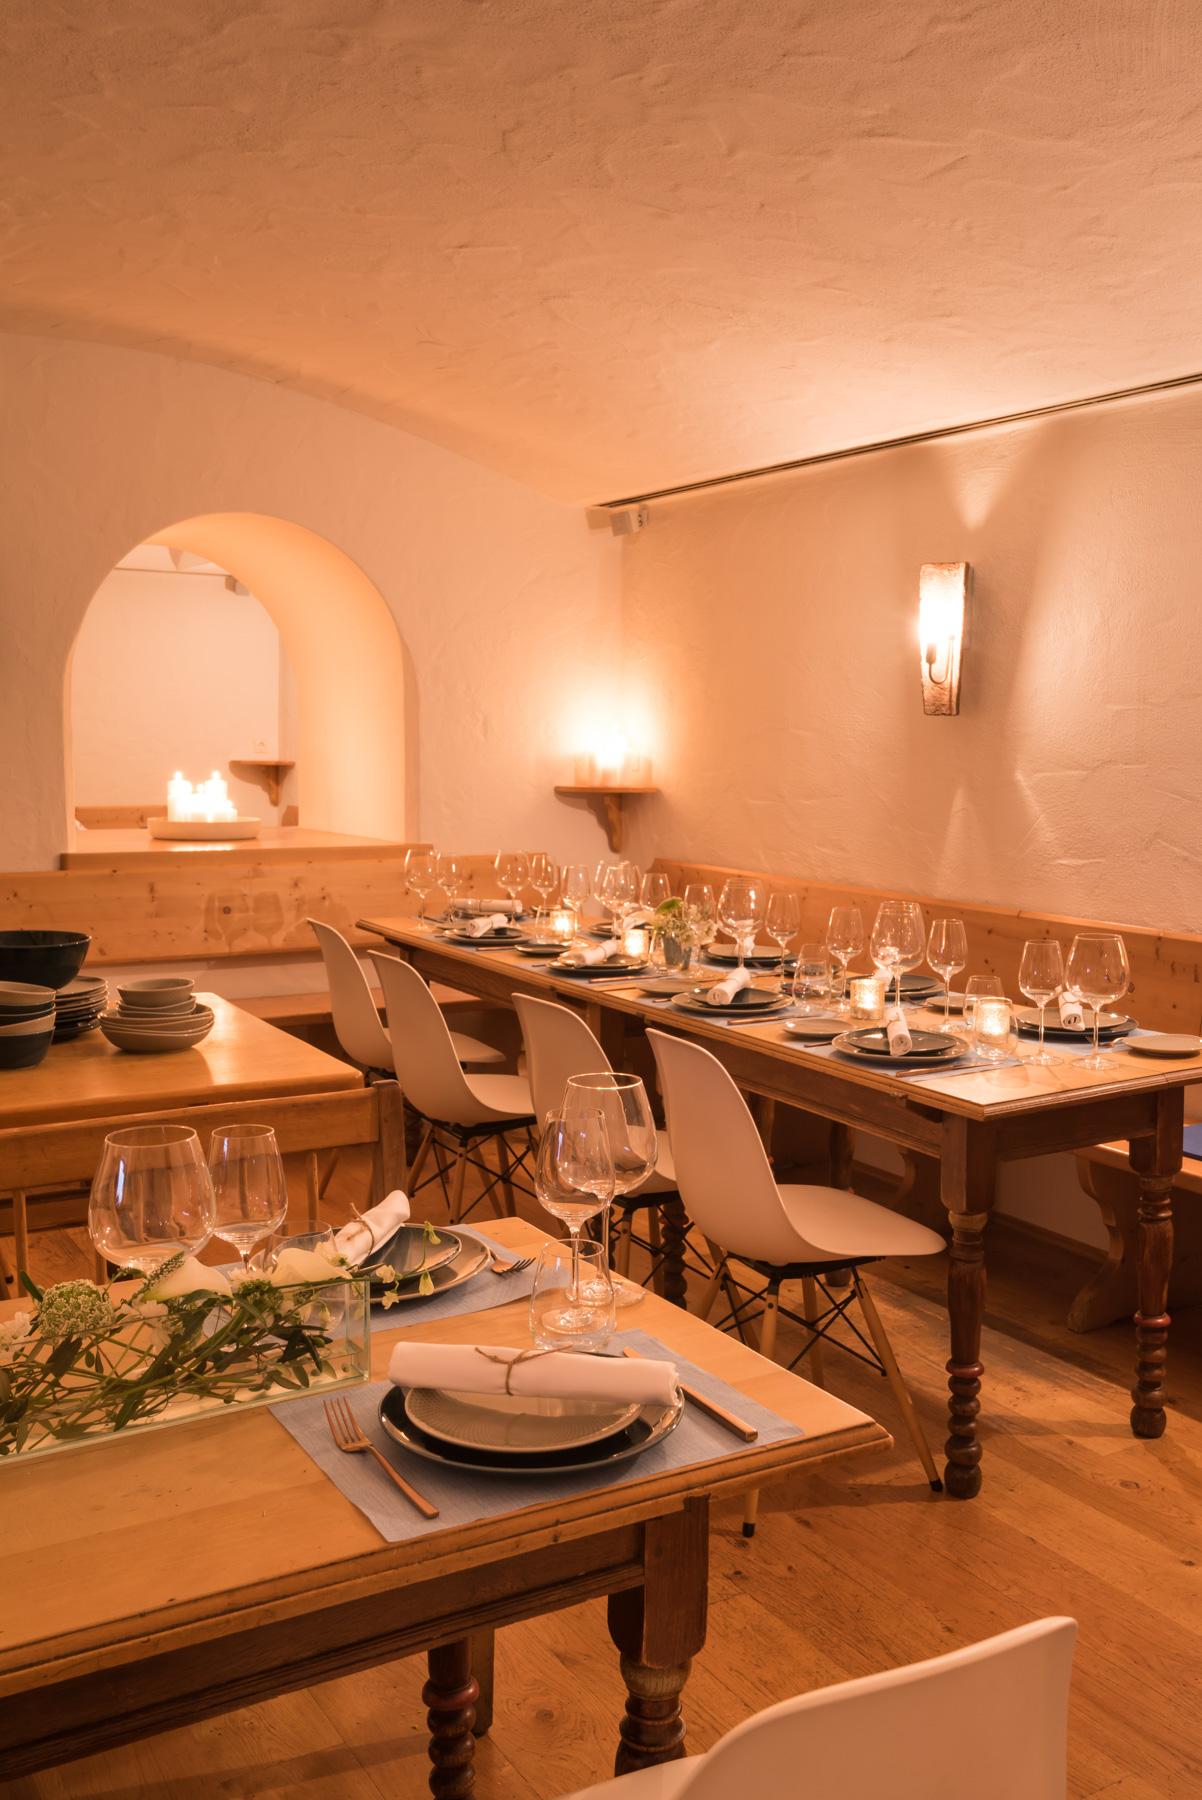 Restaurant Ambiente.